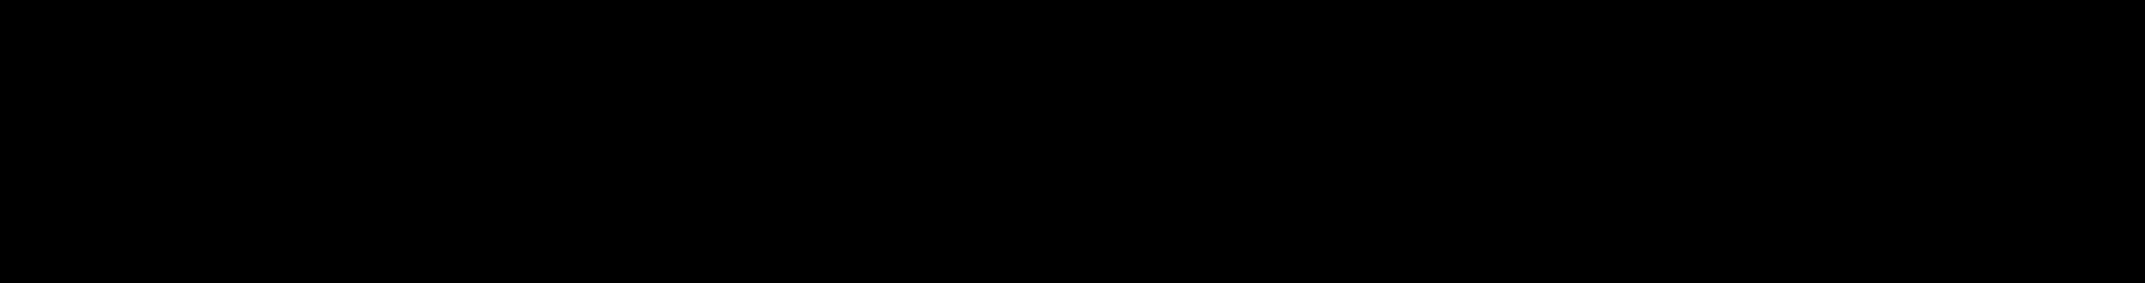 株式会社 北海メンテナンス